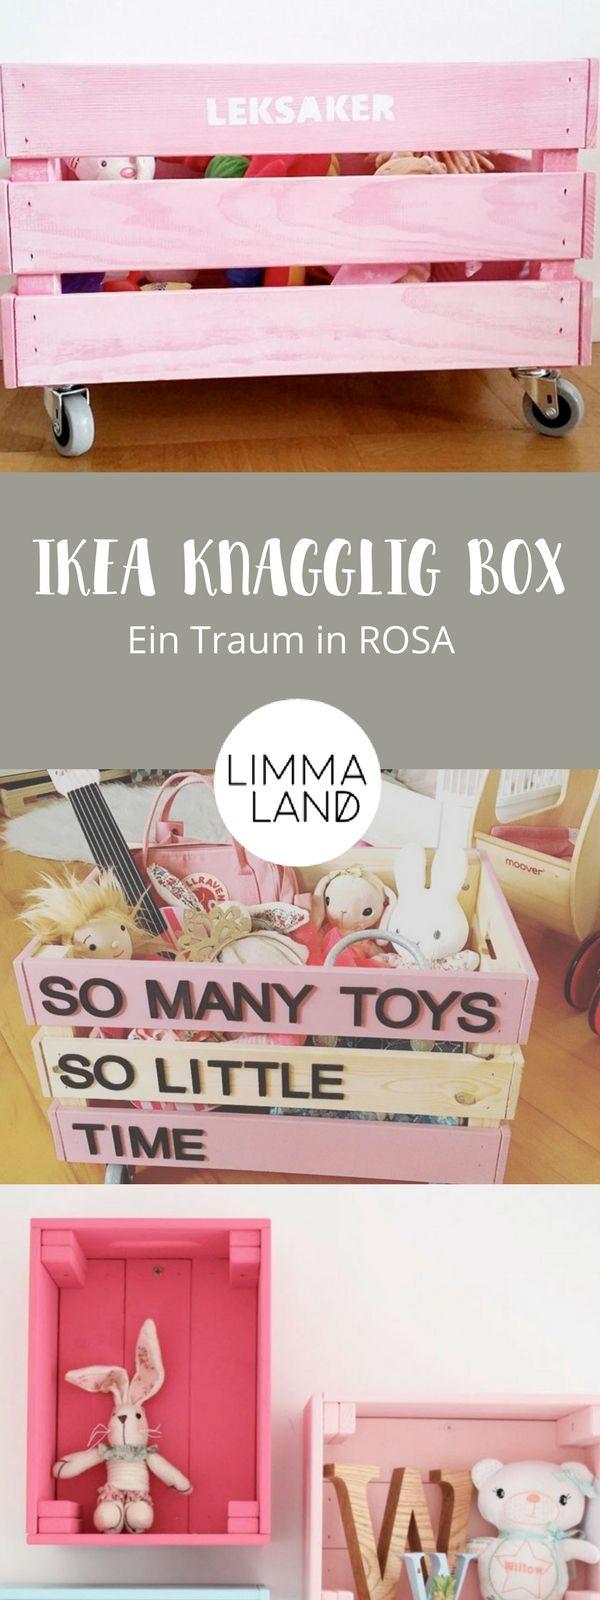 Die IKEA KNAGGLIG Box sieht fast aus wie eine Weinkiste und eignet sich prima für einen IKEA Hack für Kinder. Wir zeigen euch in unserem Blog was ihr tolles aus der Holzkiste basteln könnt. Vor allen die Ideen für das Kinderzimmer sind  total niedlich! Mit www.limmaland.com macht DIY Spaß!